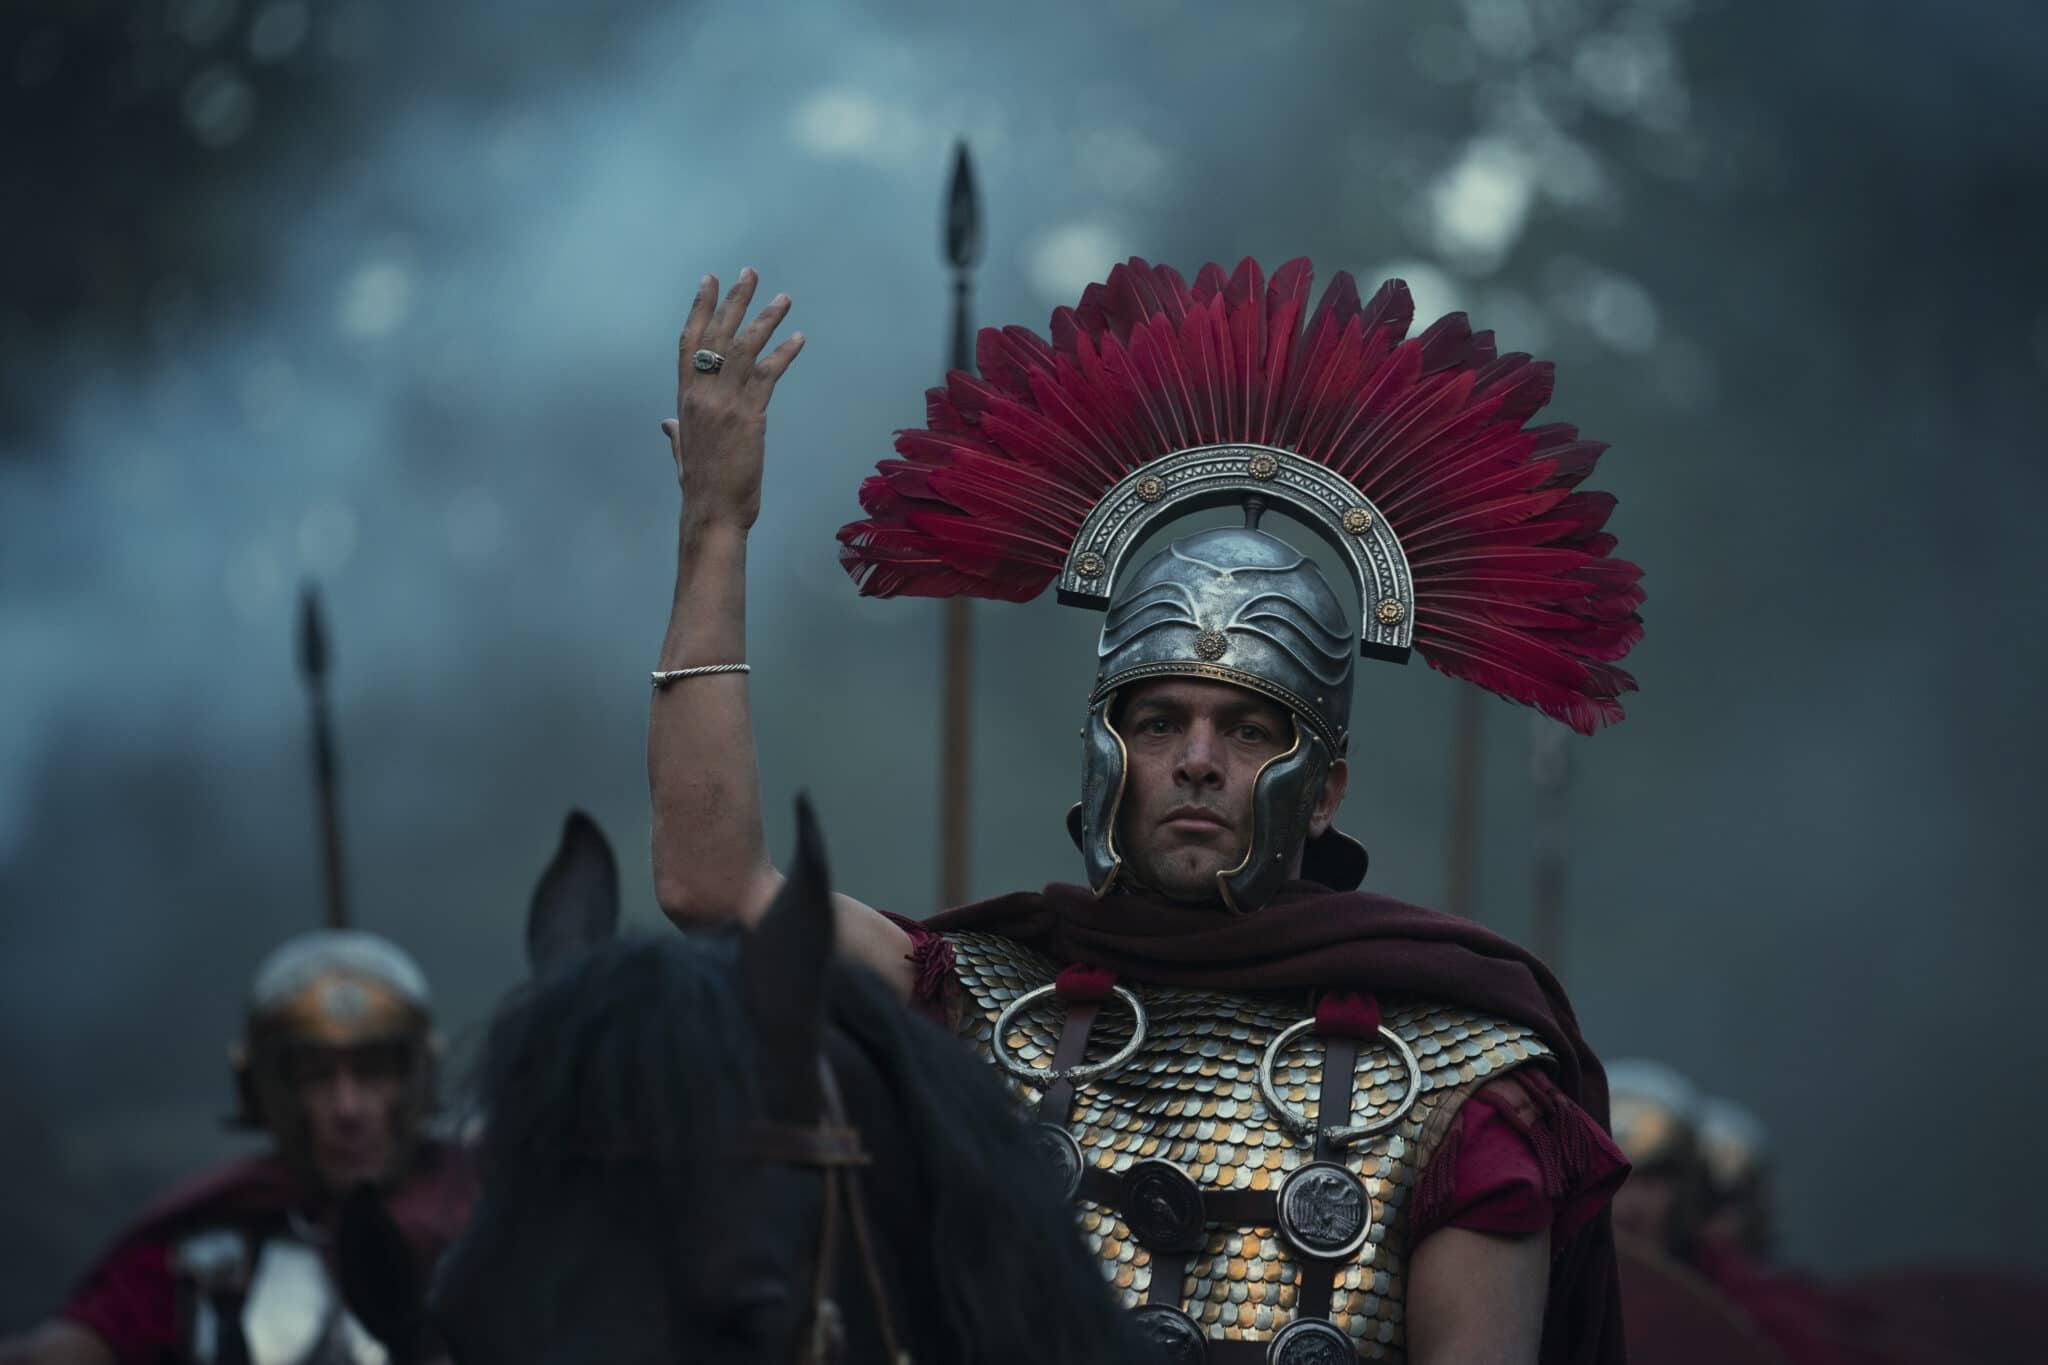 Ein römischer Legionär mit Federhelm sitzt mit erhobener Hand auf einem schwarzen Pferd. Im Hintergrund sieht man verschwommen weitere Legionäre.